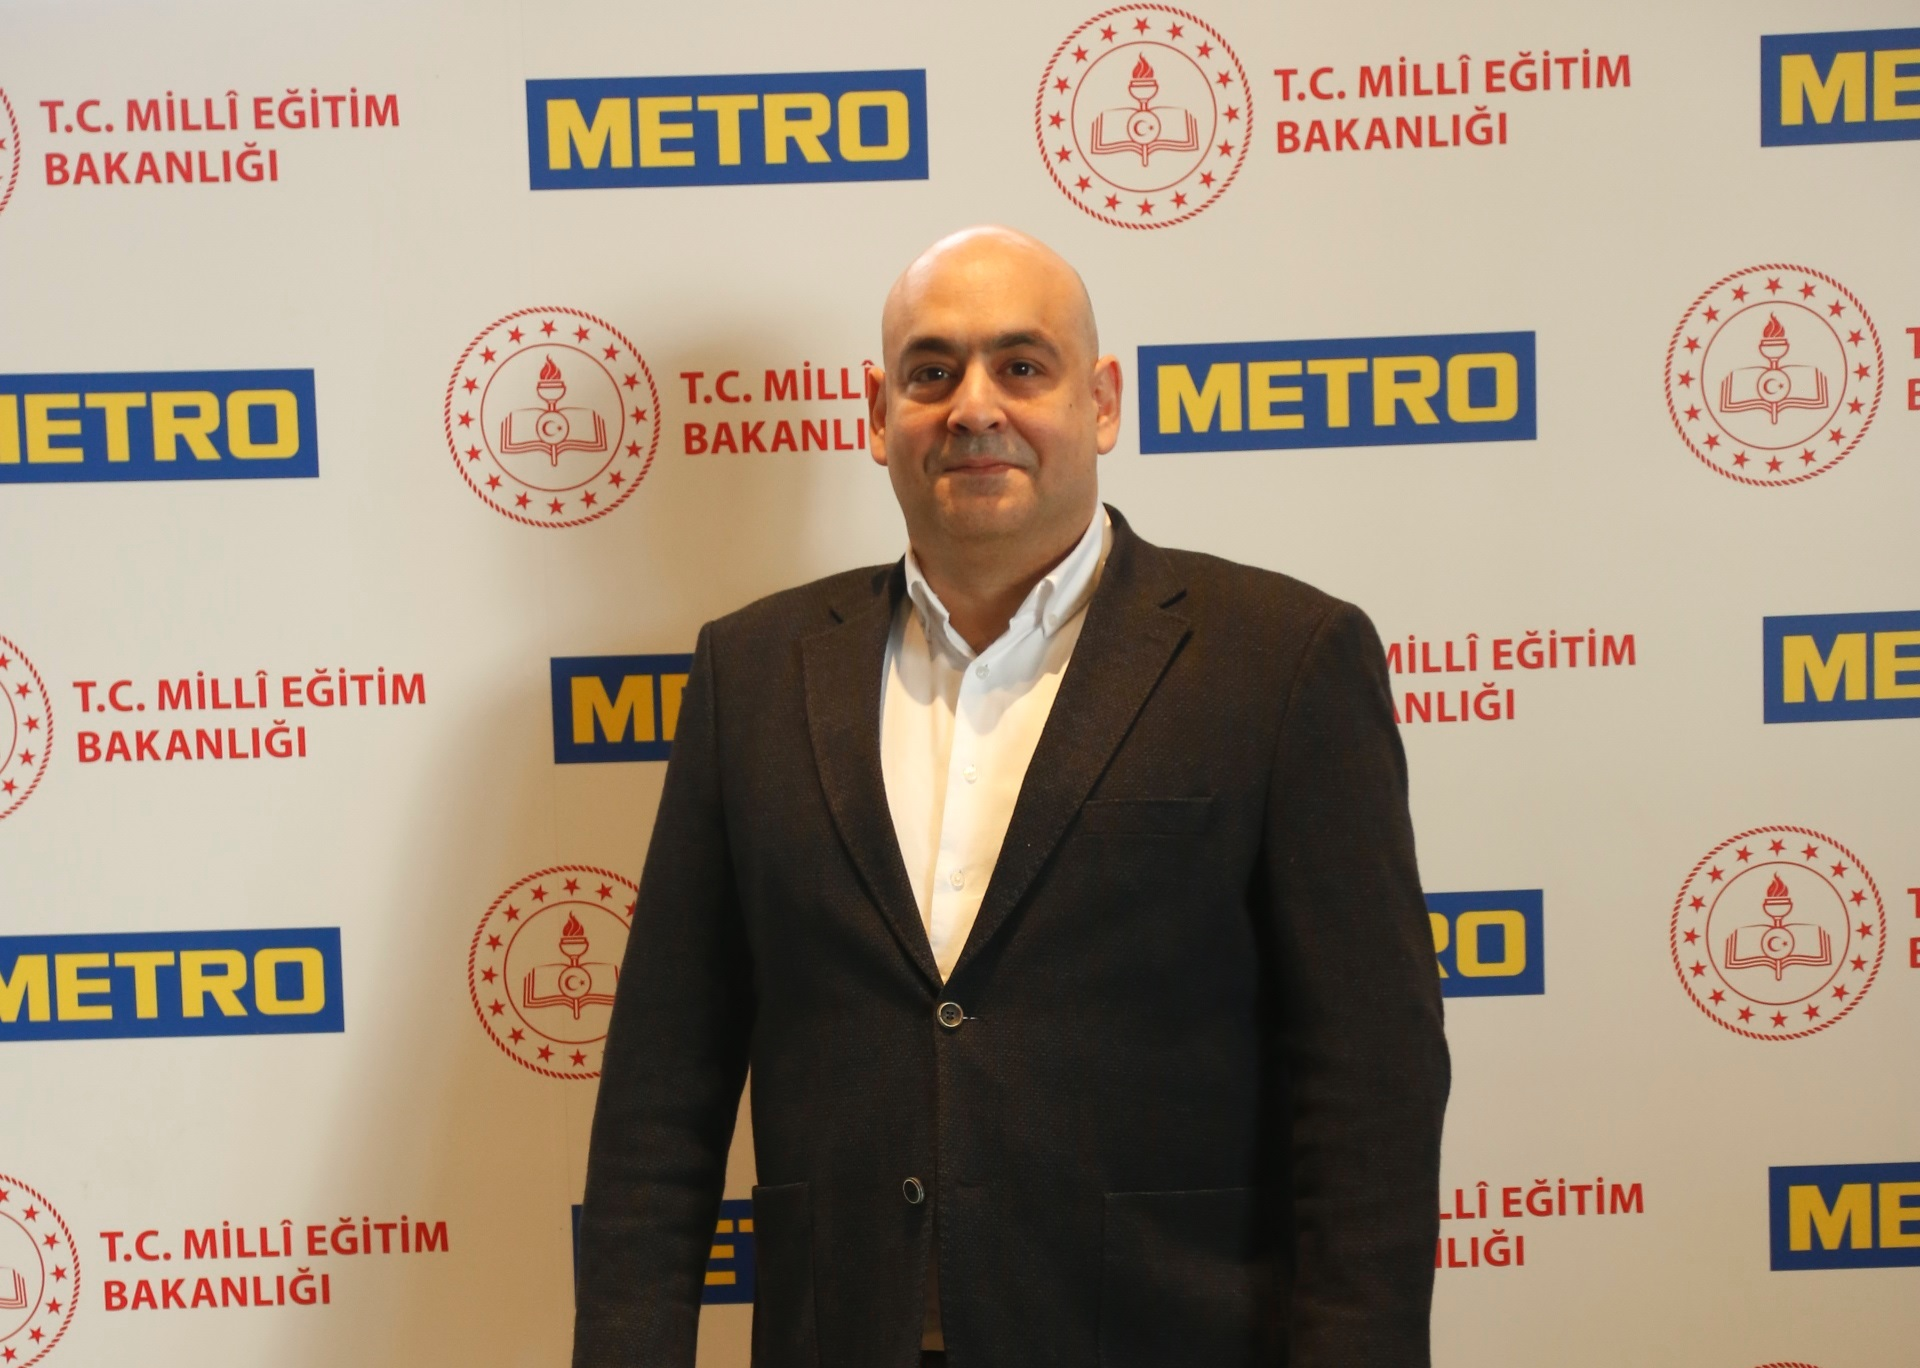 Metro Türkiye'den Çiftçi Kooperatiflerine Destek!